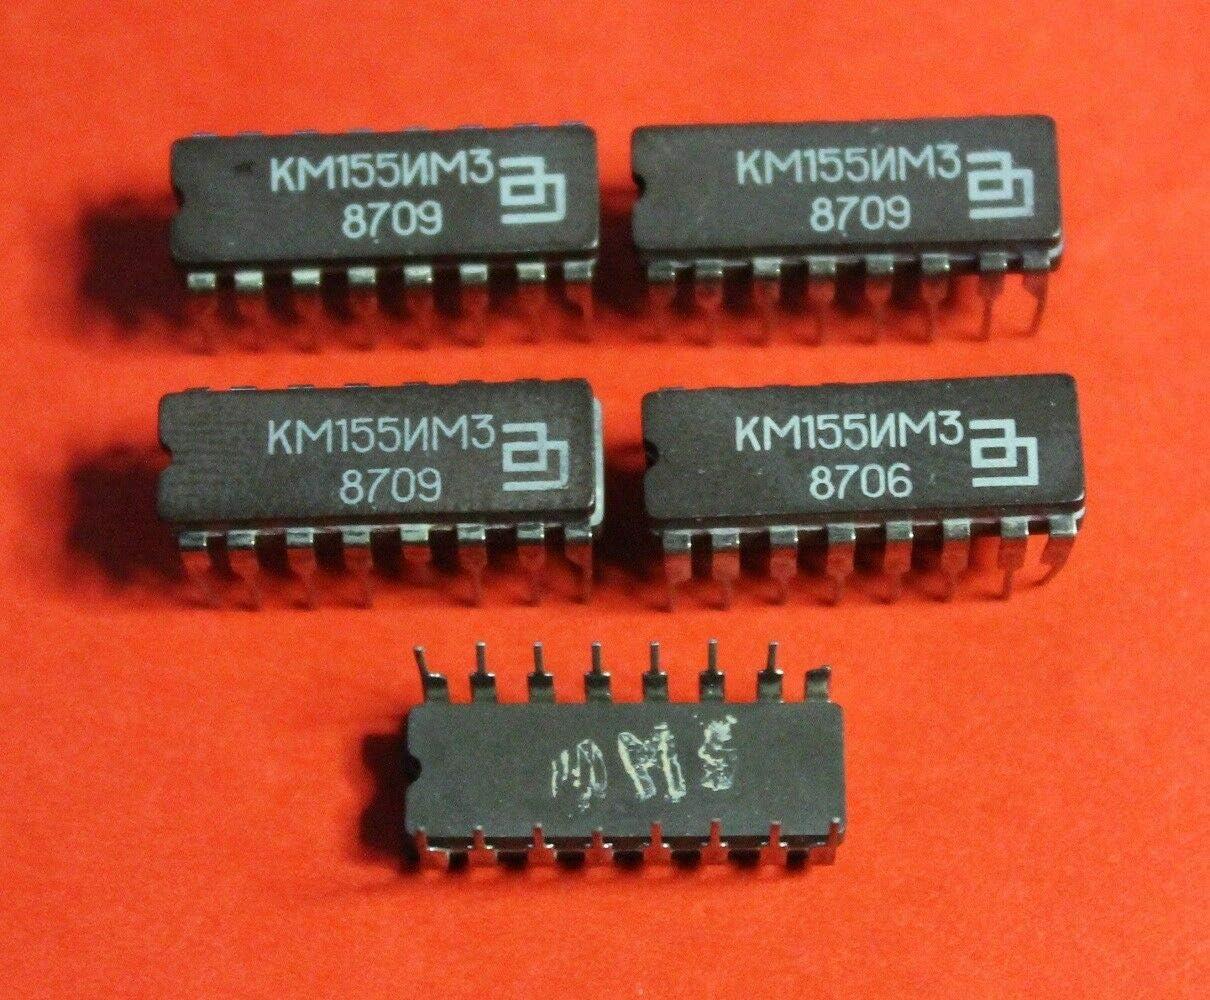 KM155IM3 = SN7483A Microchip USSR  Lot of 1 pcs 7483PC IC